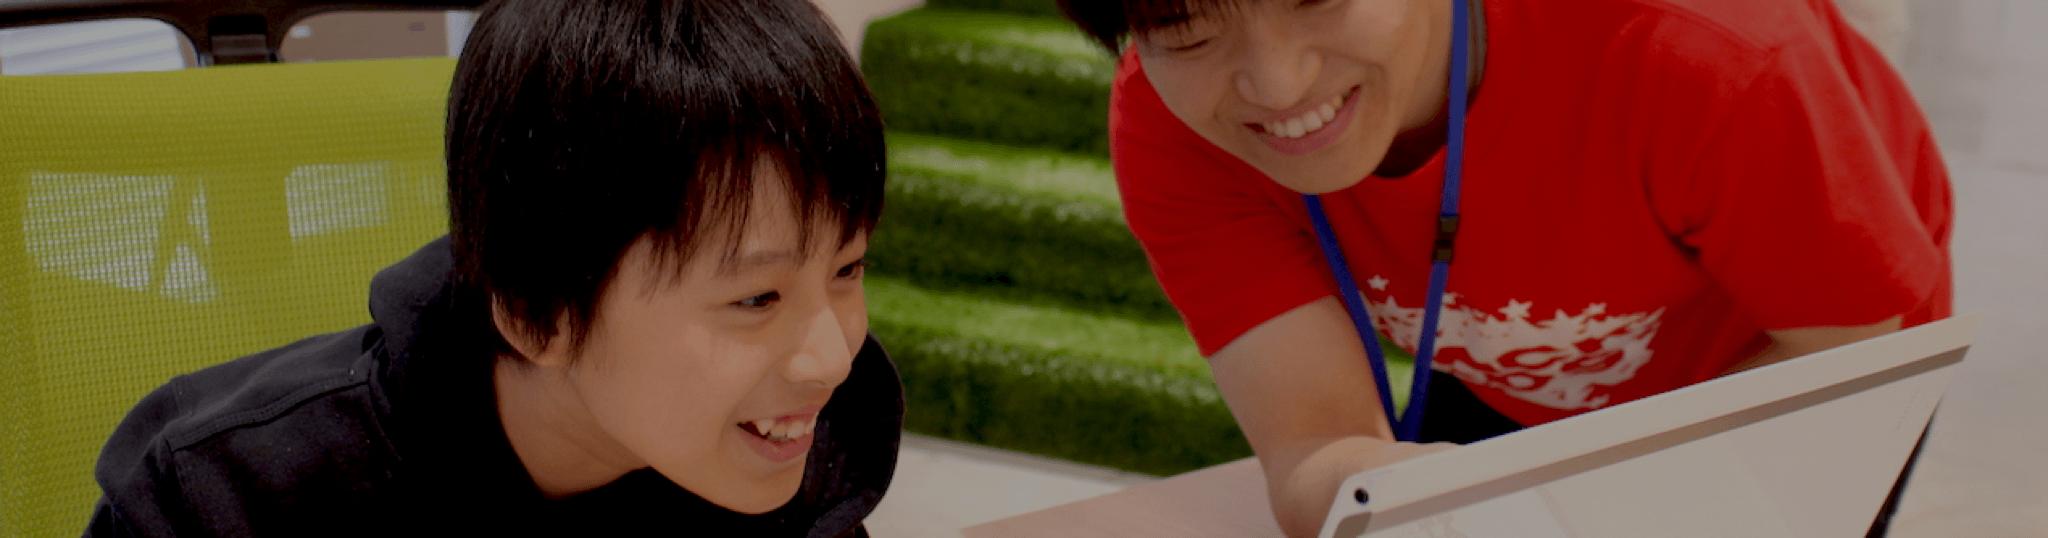 プログラミングのはじめの一歩。Hack Kidsは、ヤフー株式会社主催の小学生向けプログラミング体験イベントです。全国の小学生にプログラミングの楽しさを伝える活動をしています。